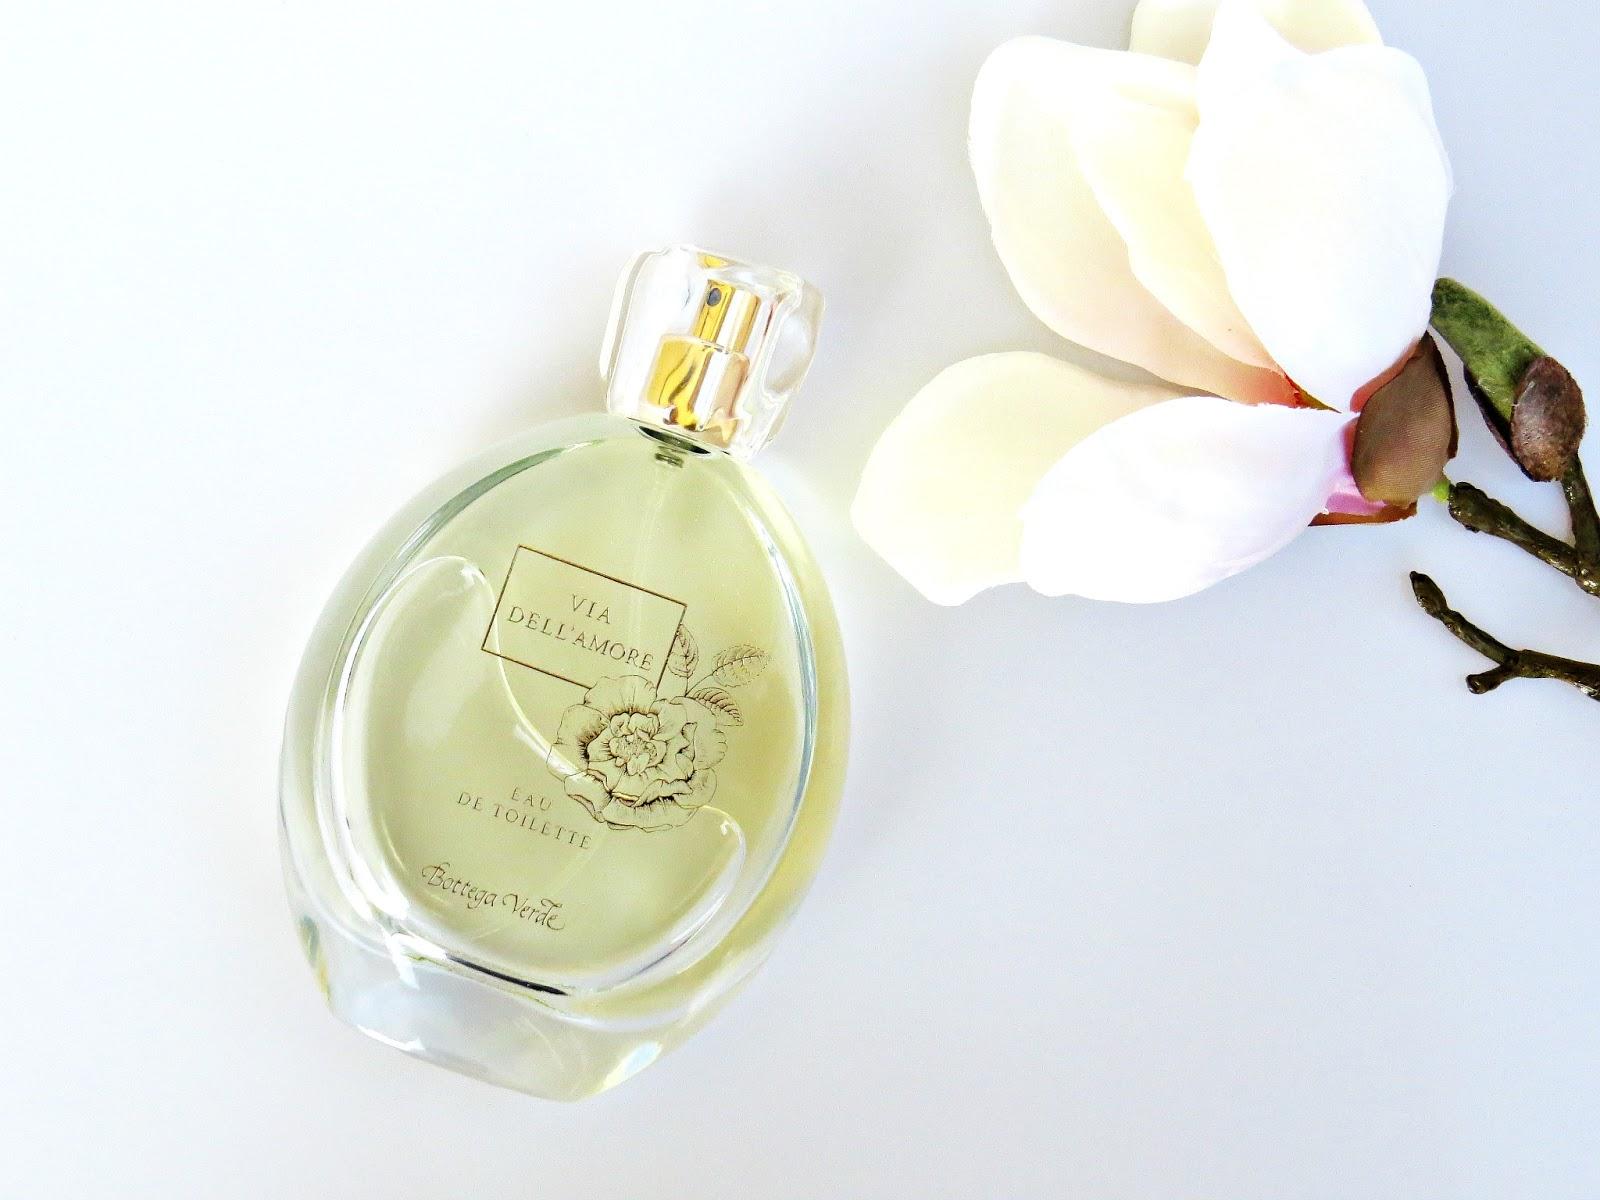 Belletto Make Up And Beauty Blog Via Dell Amore La Nuova Fragranza Bottega Verde